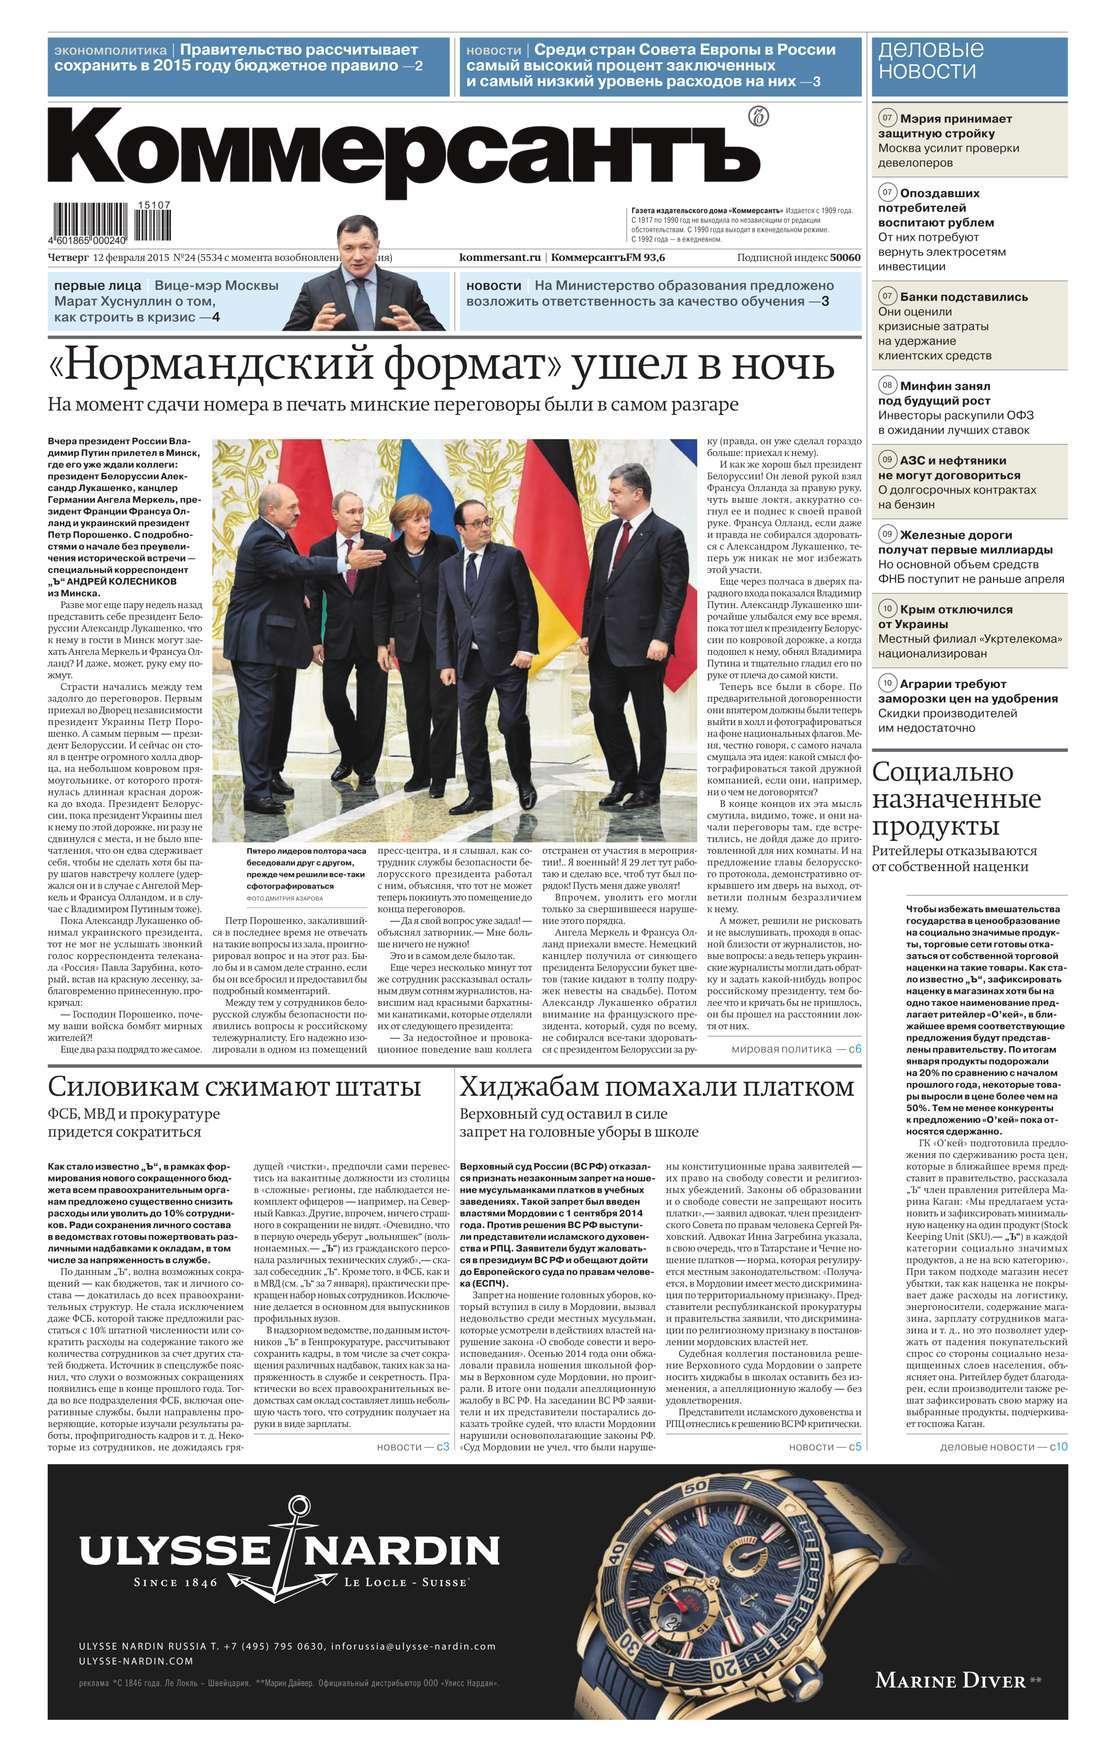 Скачать Редакция газеты КоммерсантЪ бесплатно КоммерсантЪ 24-2015